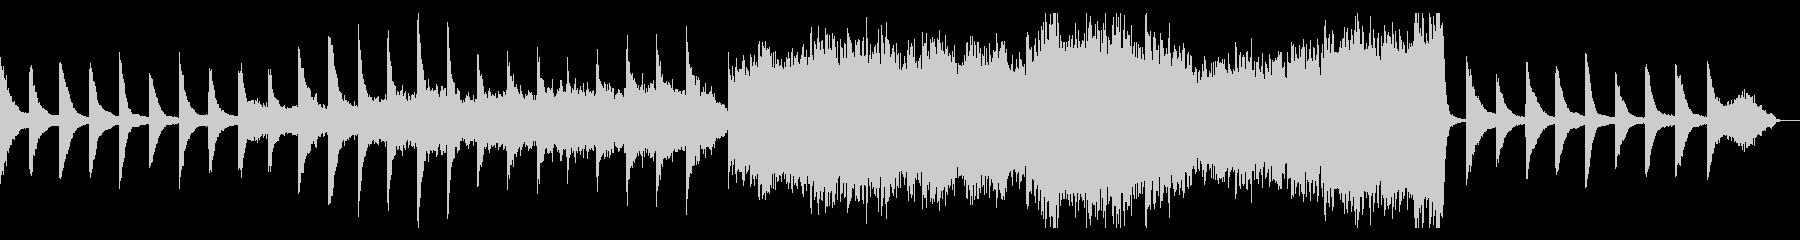 優しいノスタルジックな曲:フルバージョンの未再生の波形